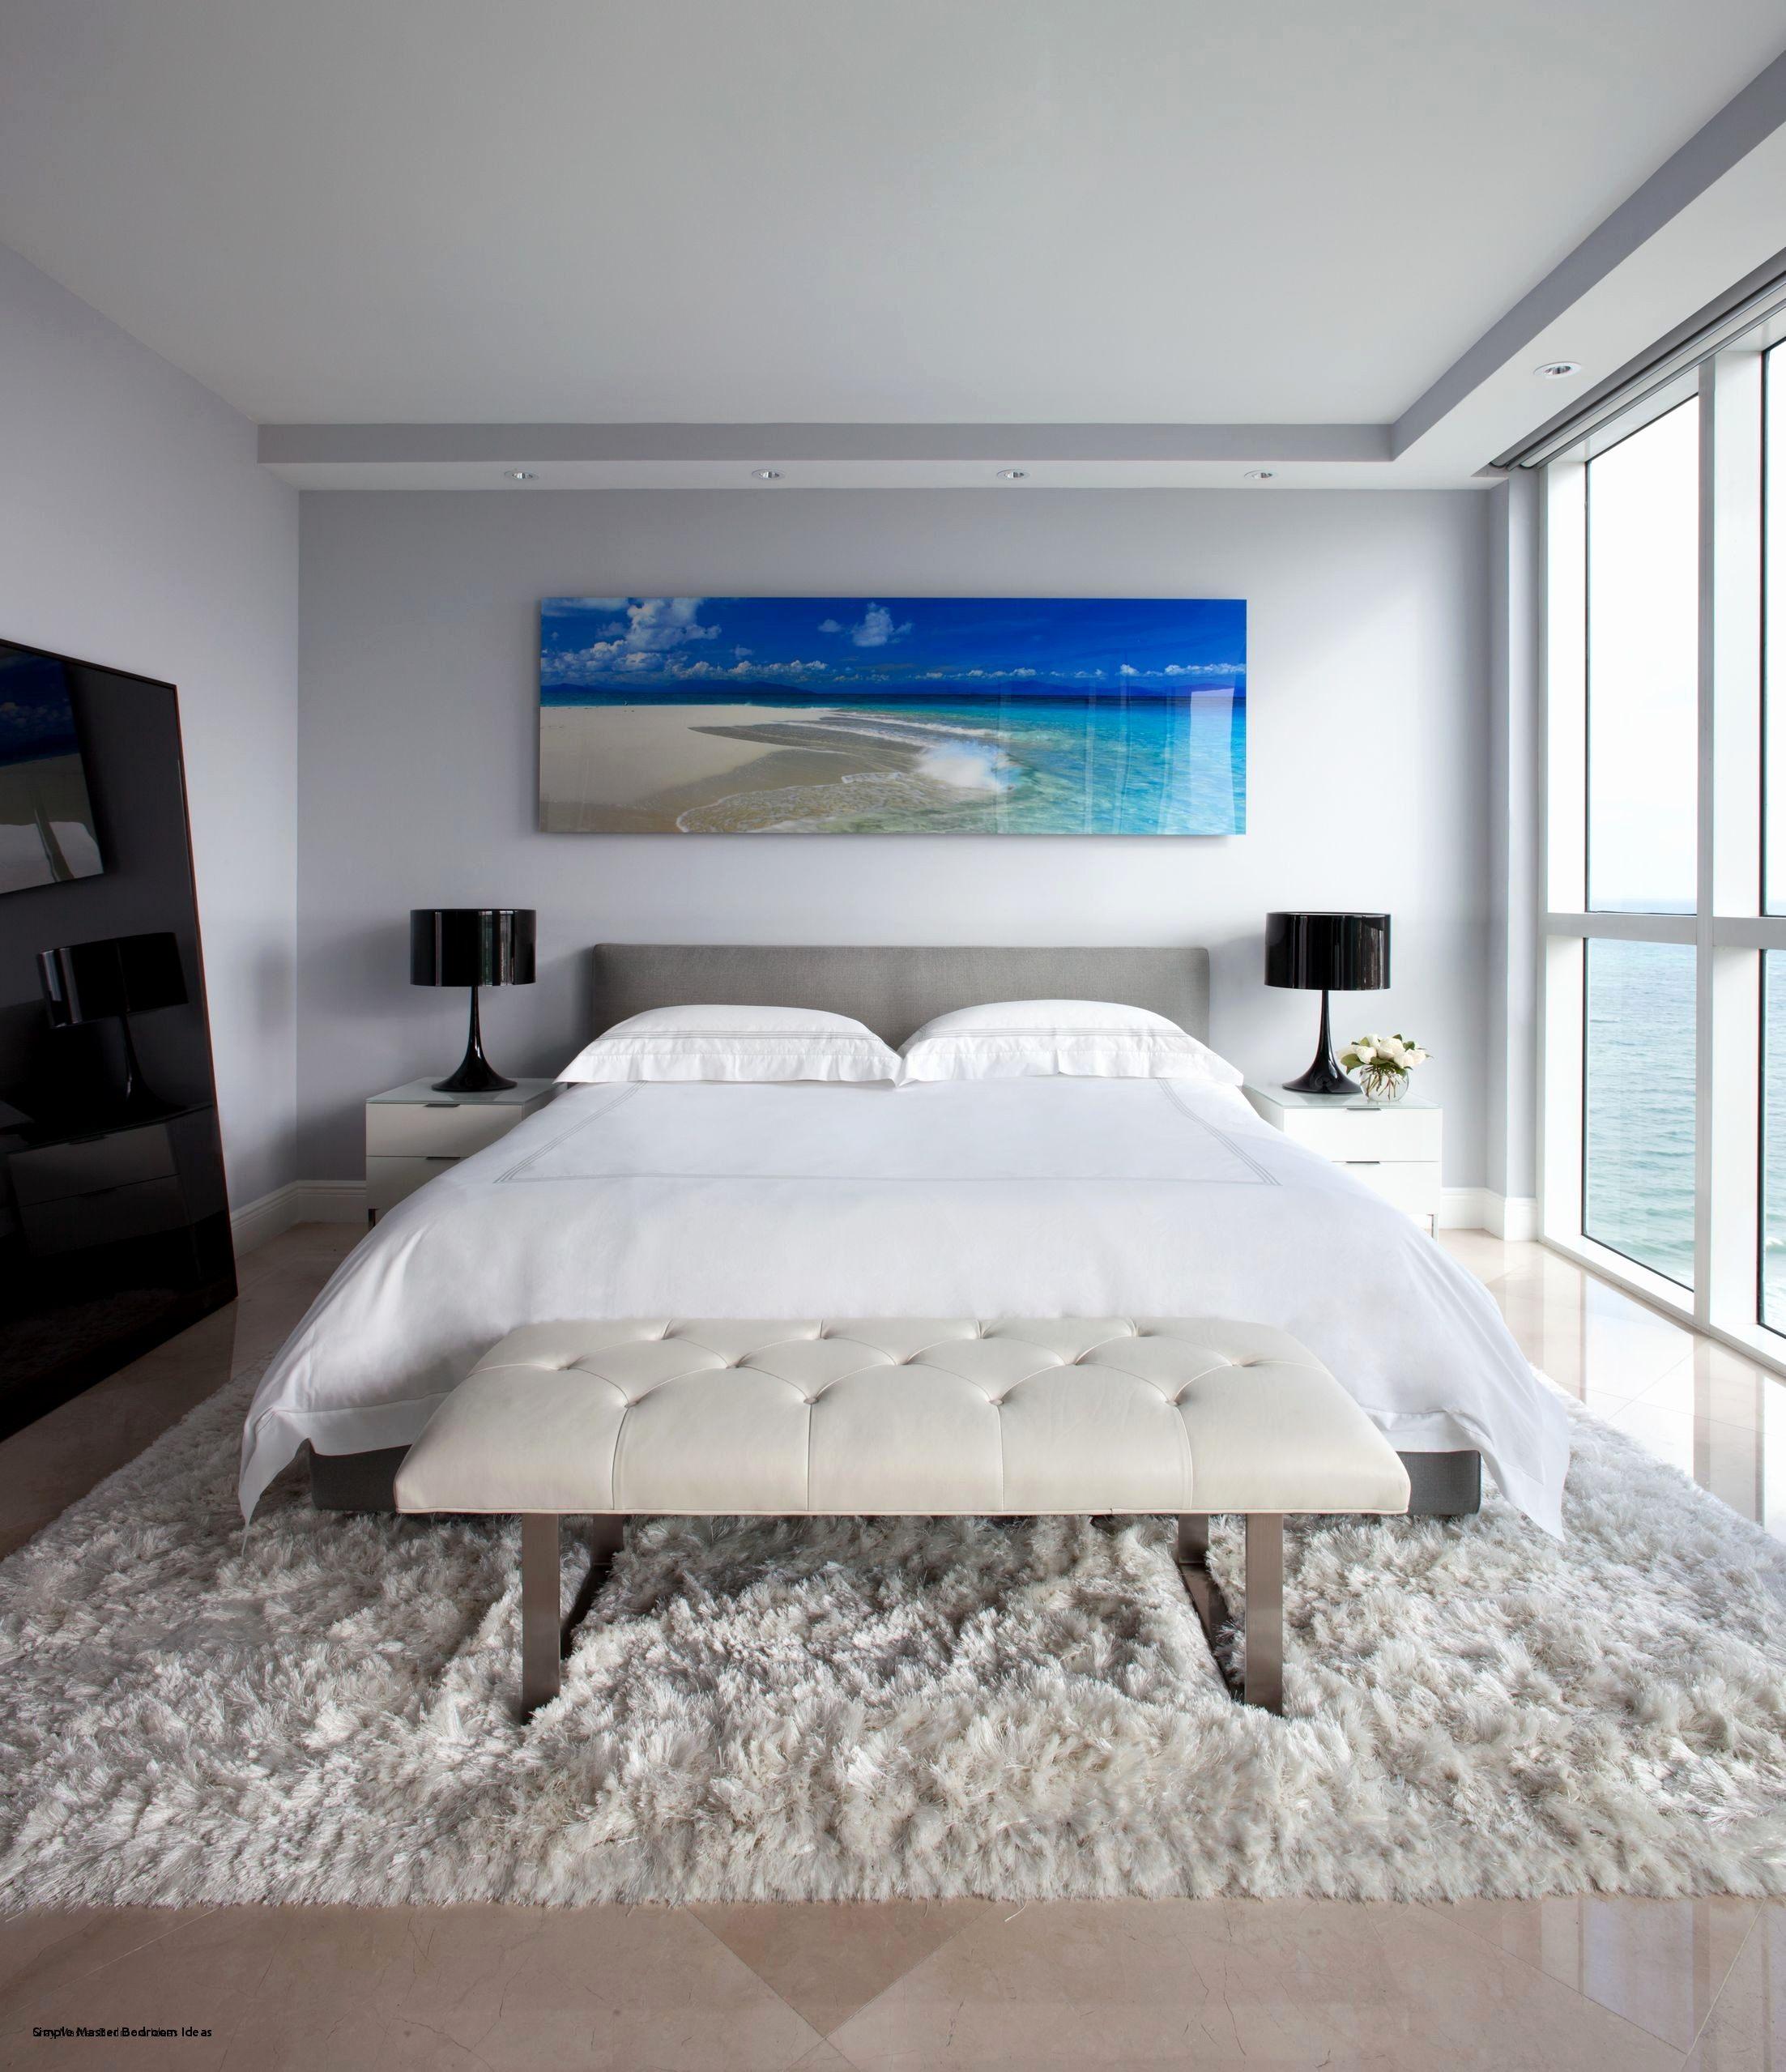 Tete De Lit Marron Impressionnant Tete De Lit Marron Génial 25 Best Master Bedroom Interior Design